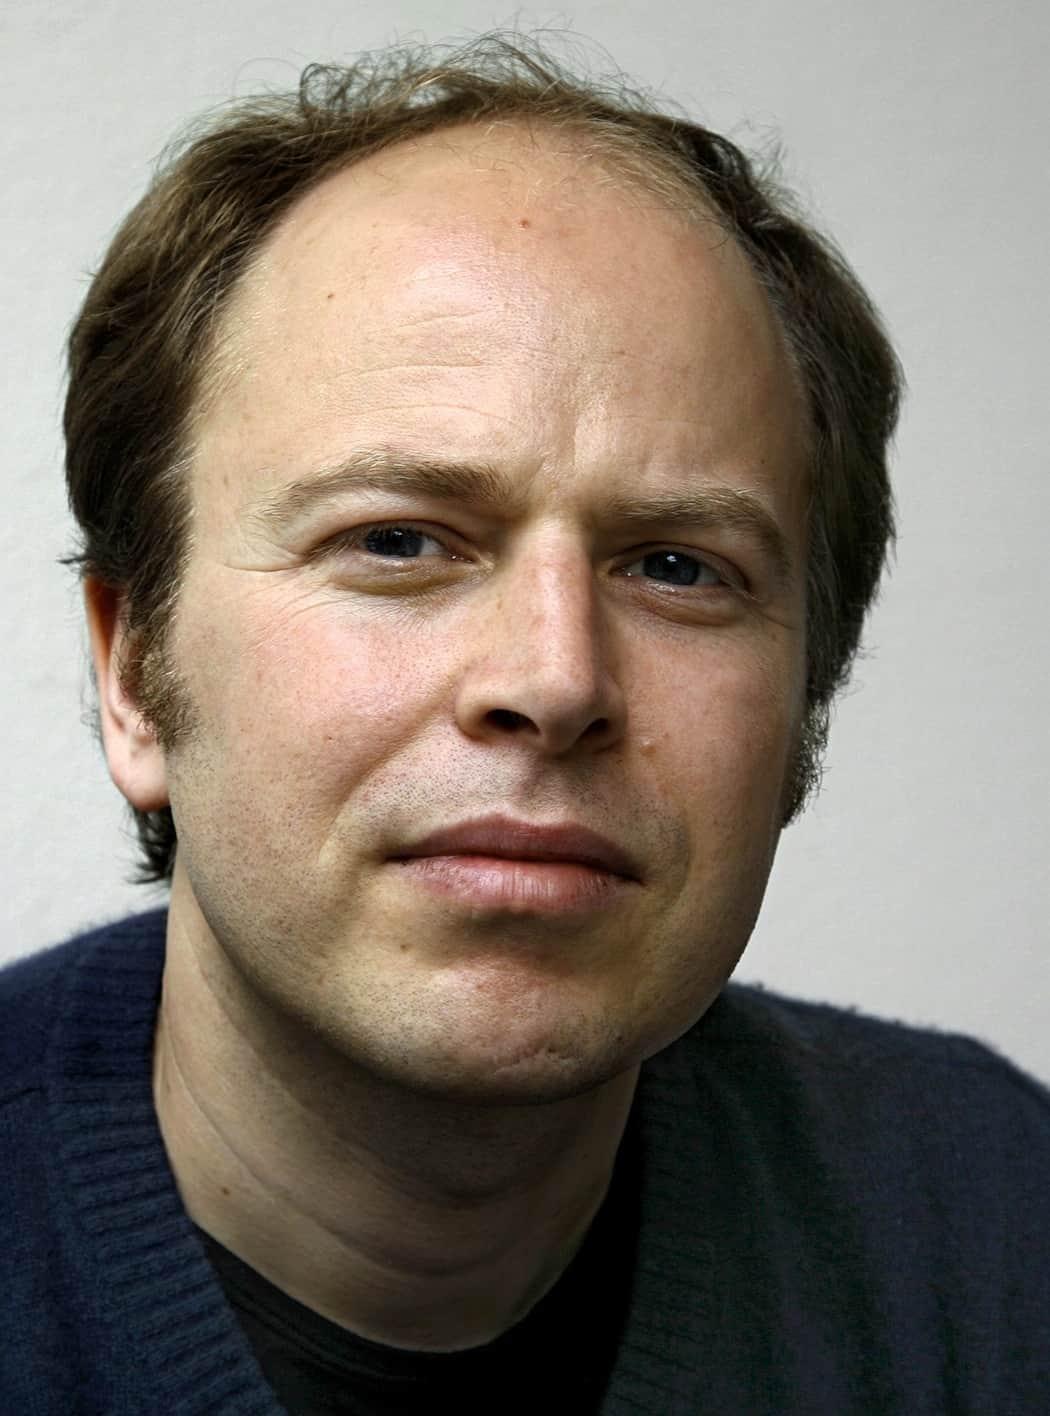 Matthias Schott